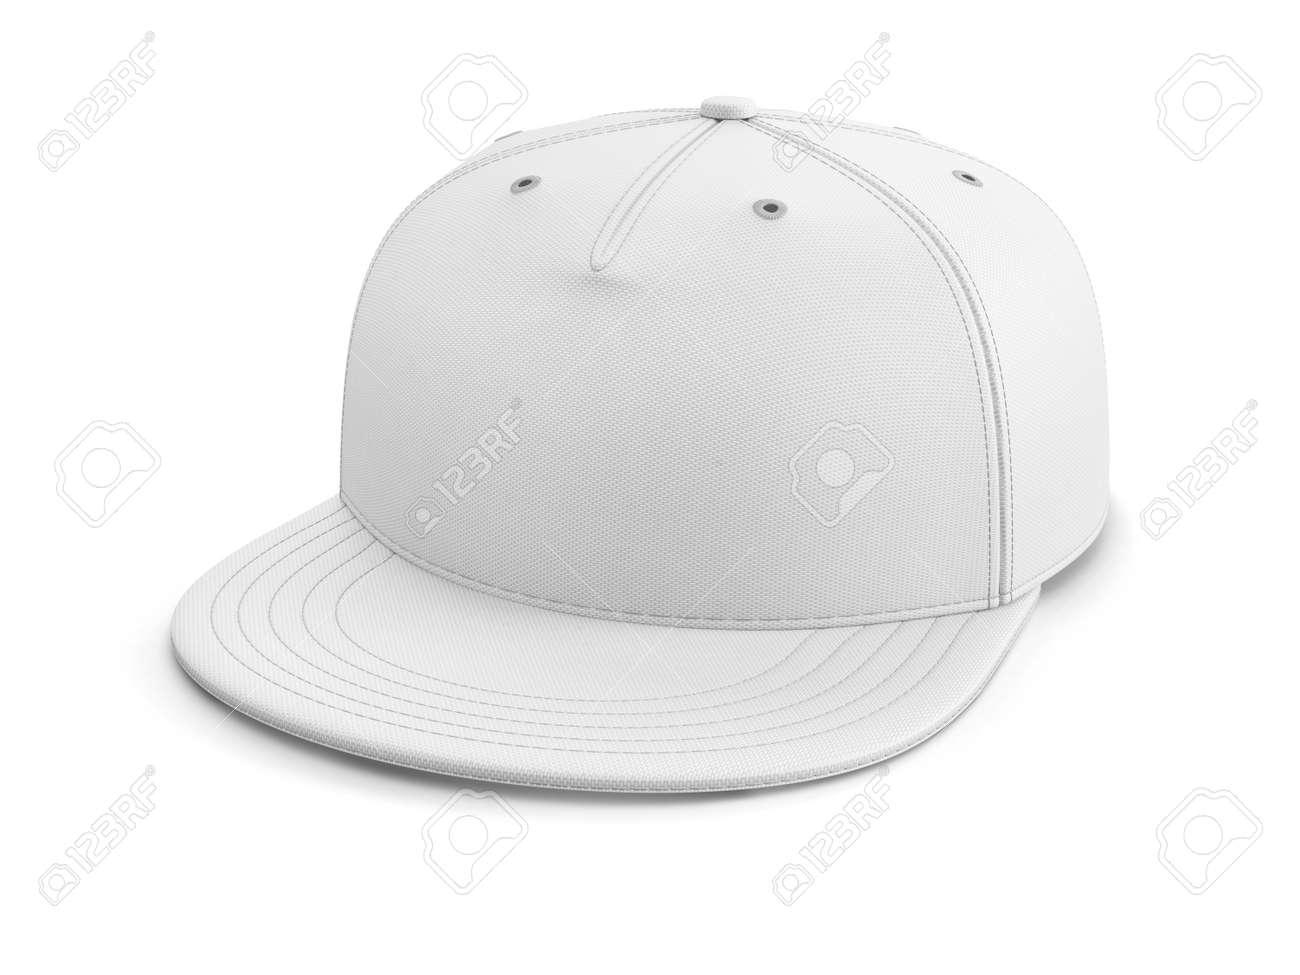 Foto de archivo - Gorra de béisbol vacía blanca o snapback aislado en el  fondo blanco. Ilustración 3D. c5eb5f41fd9